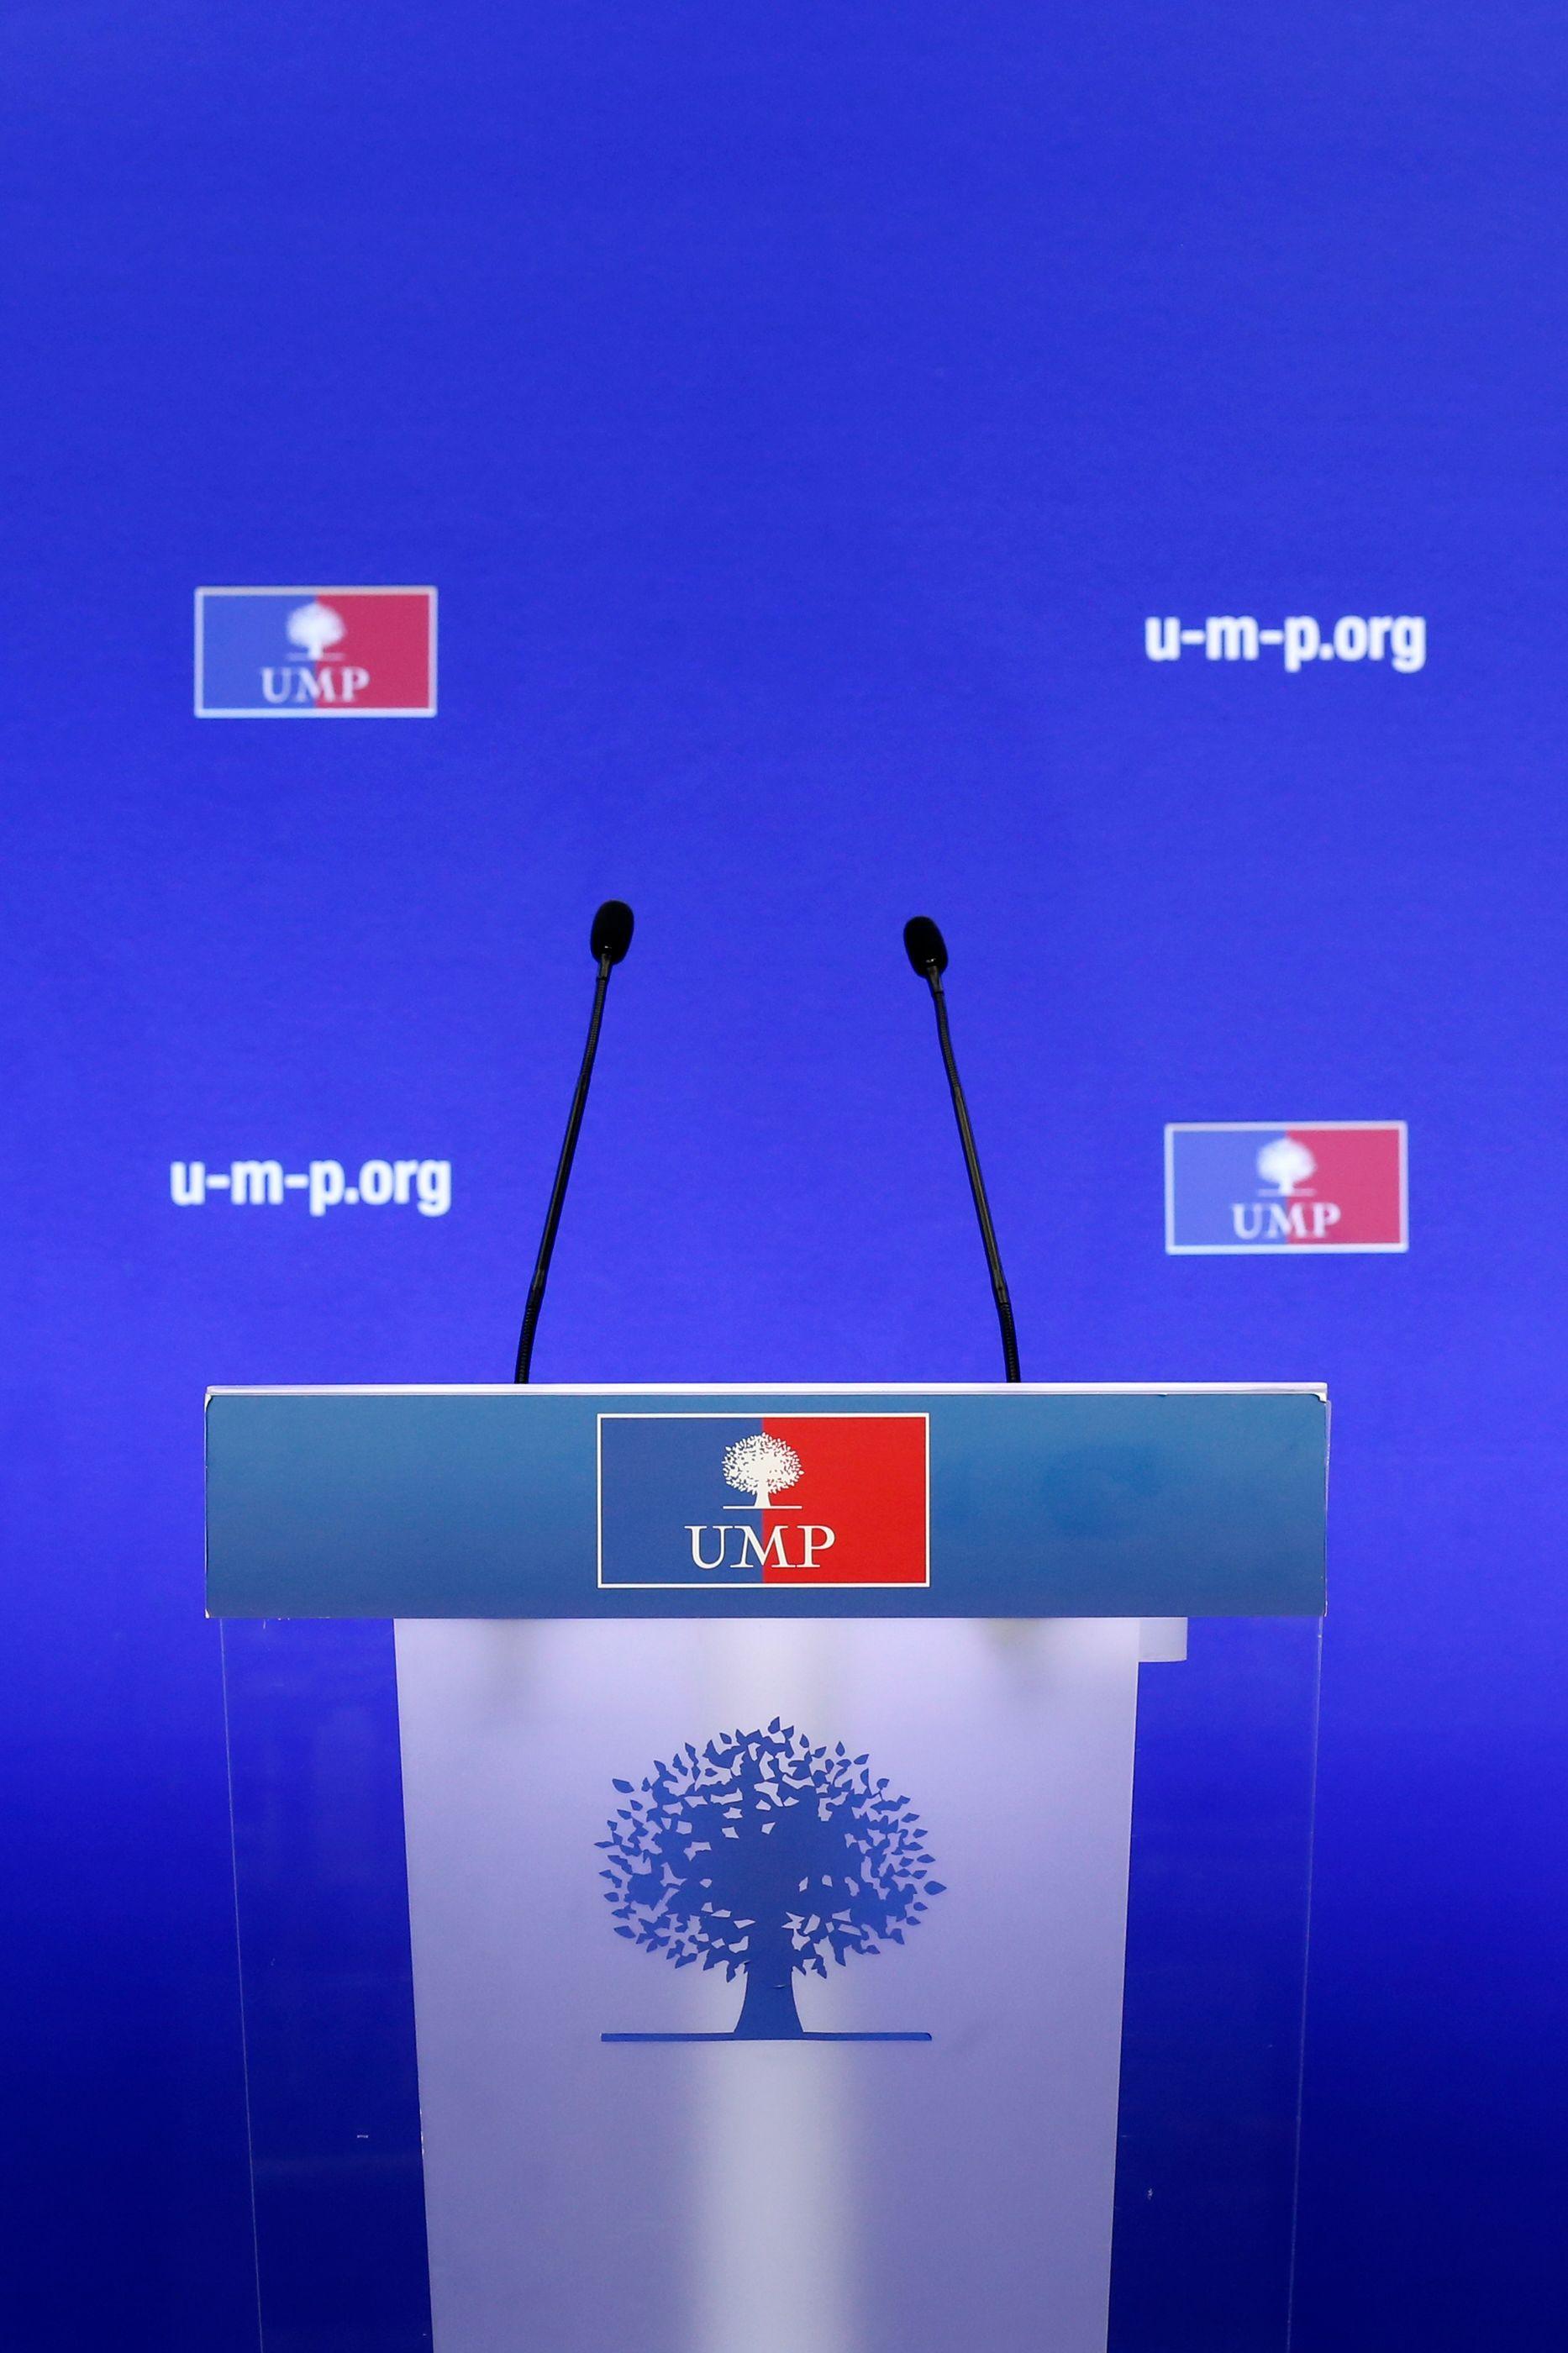 La commission d'investiture de l'UMP se réunit cet après-midi pour arrêter la composition des différentes listes électorales pour le prochain scrutin européen.